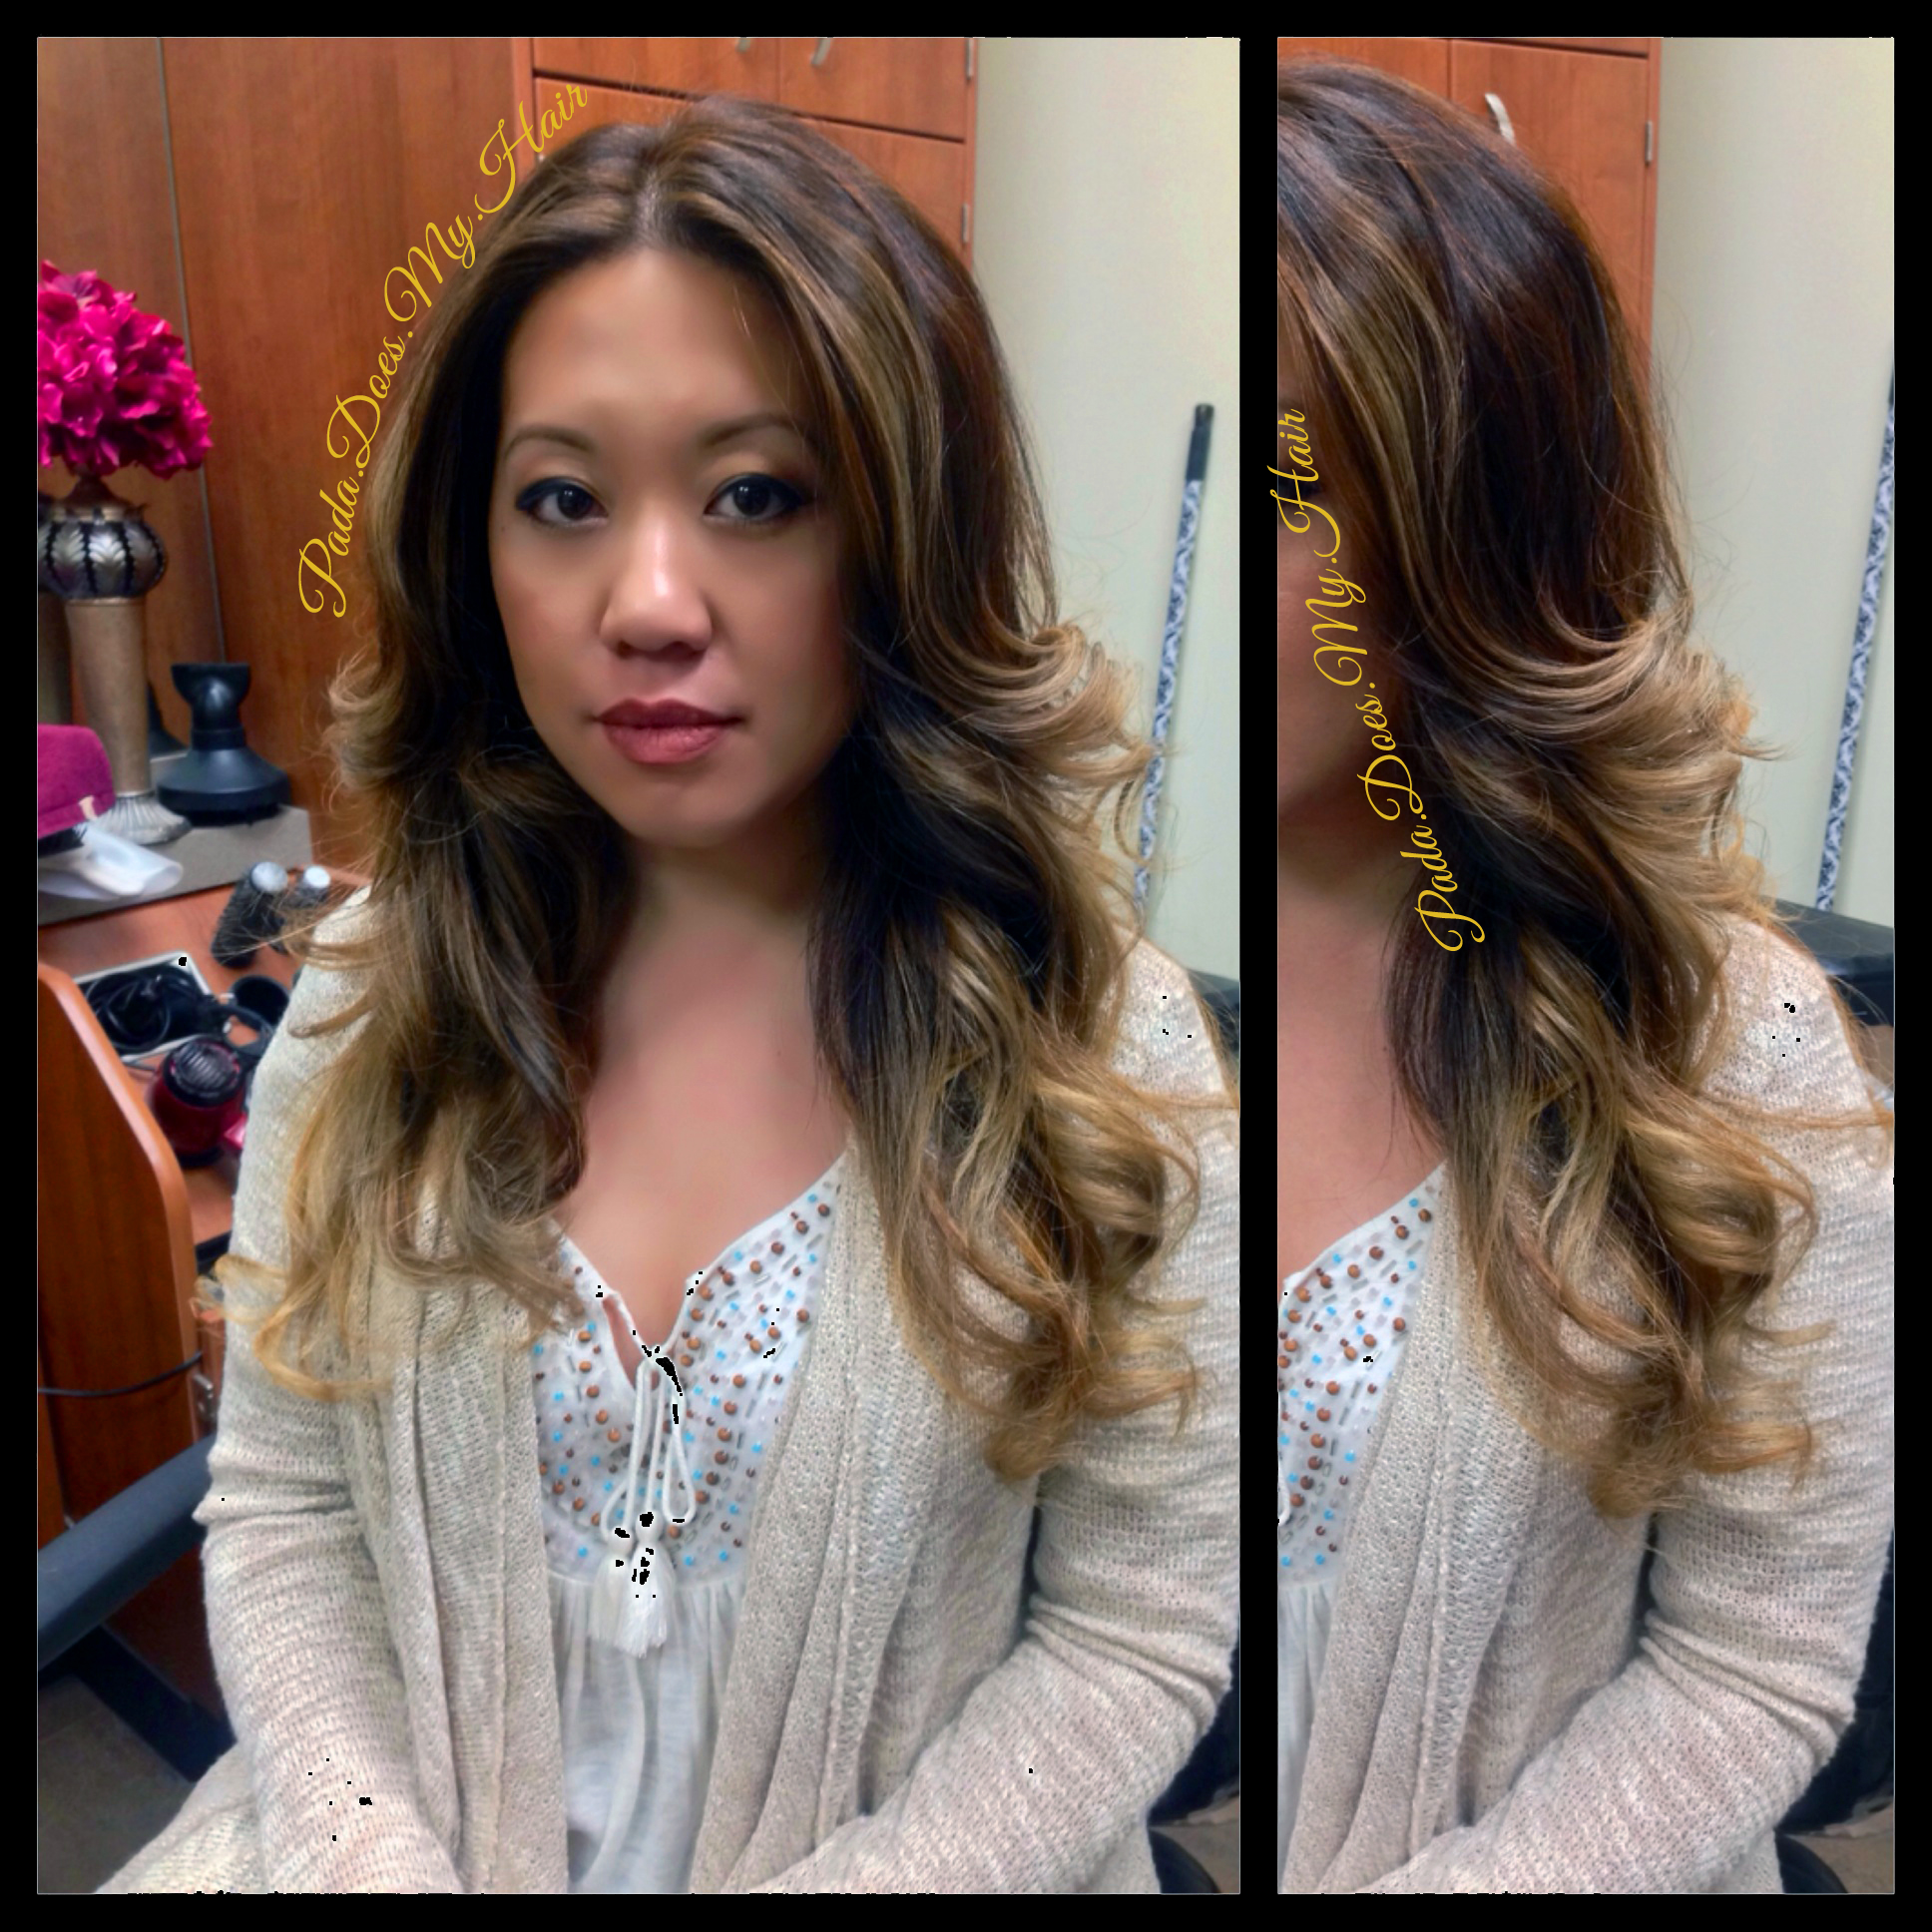 I #GuyTang her hair